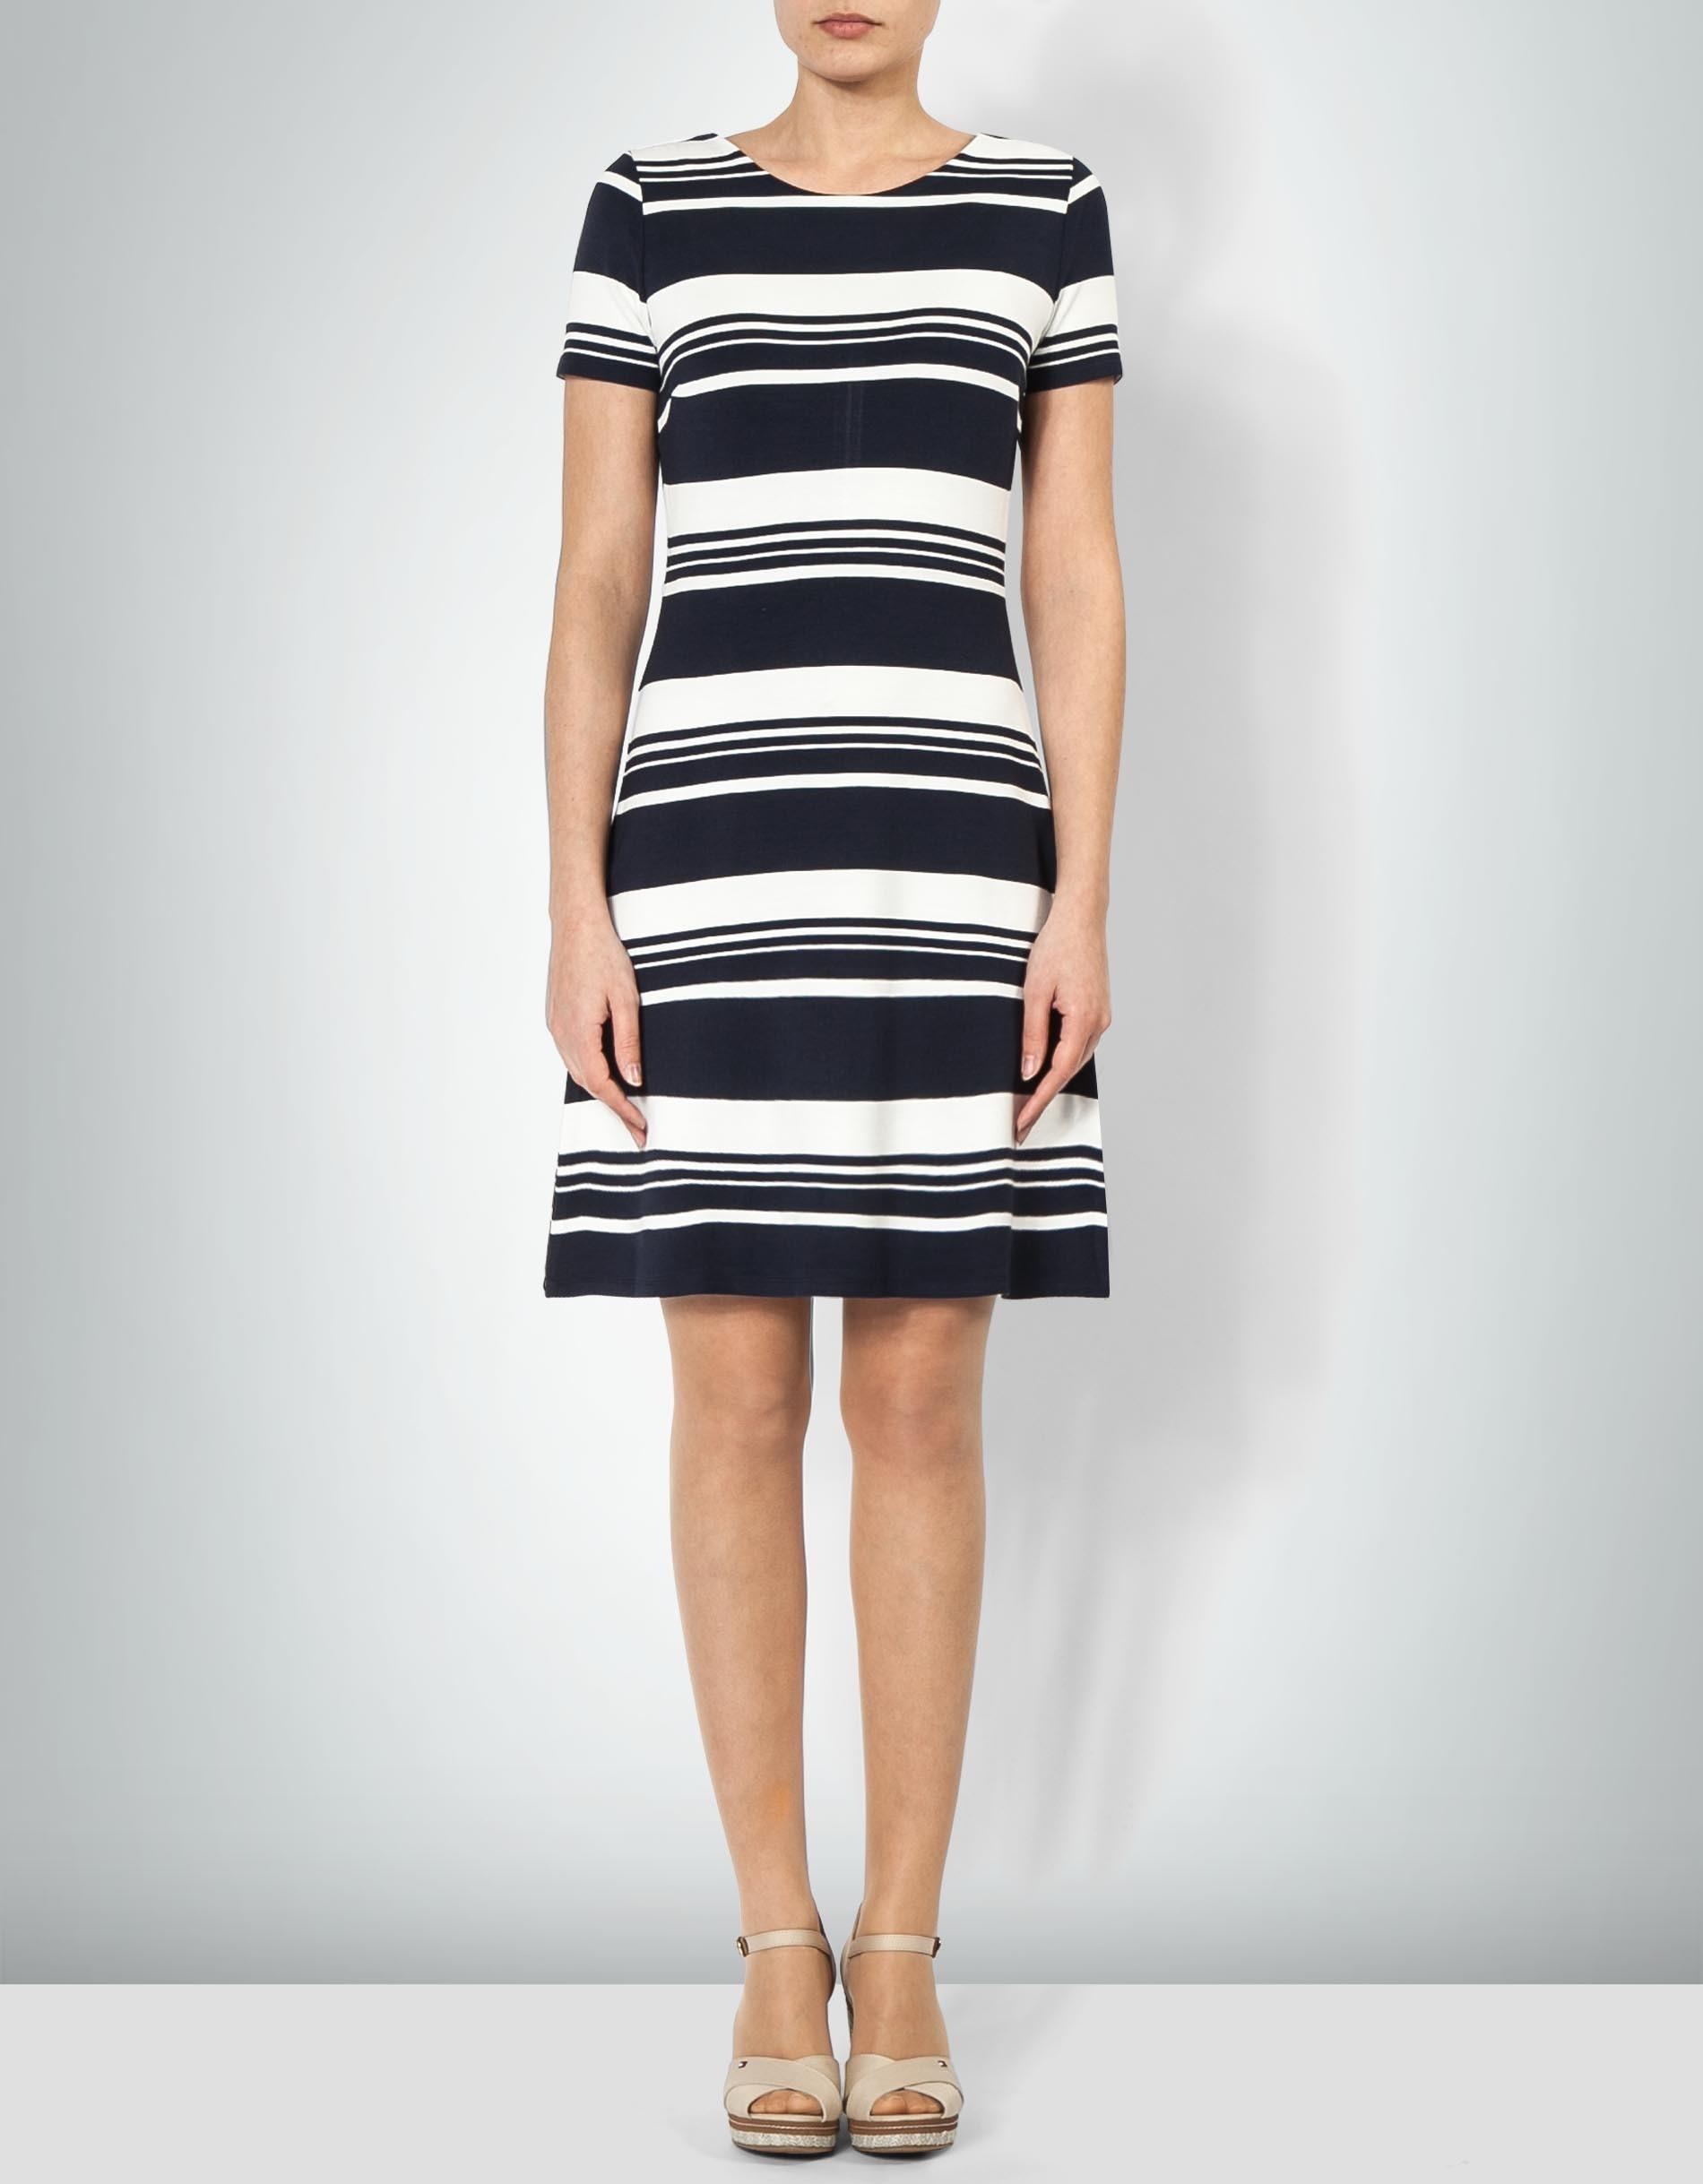 Formal Wunderbar Kleid Für Damen Vertrieb Wunderbar Kleid Für Damen Bester Preis